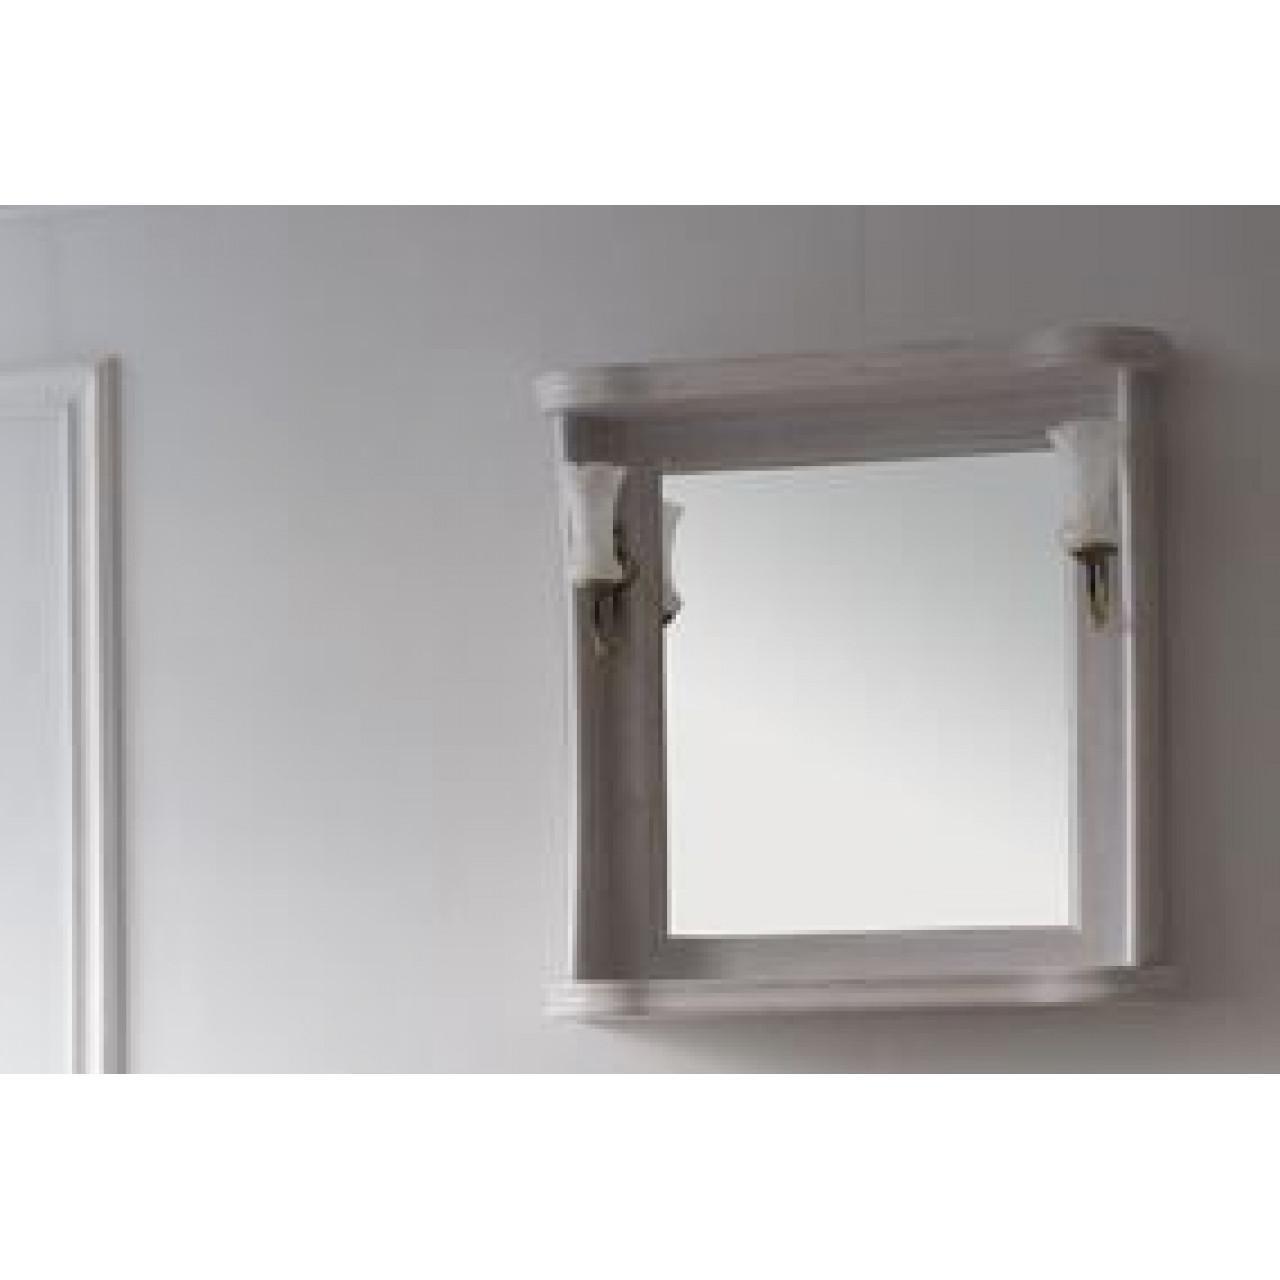 Зеркало Аллигатор Классик 80 в раме купить в Москве по цене от 9600р. в интернет-магазине mebel-v-vannu.ru